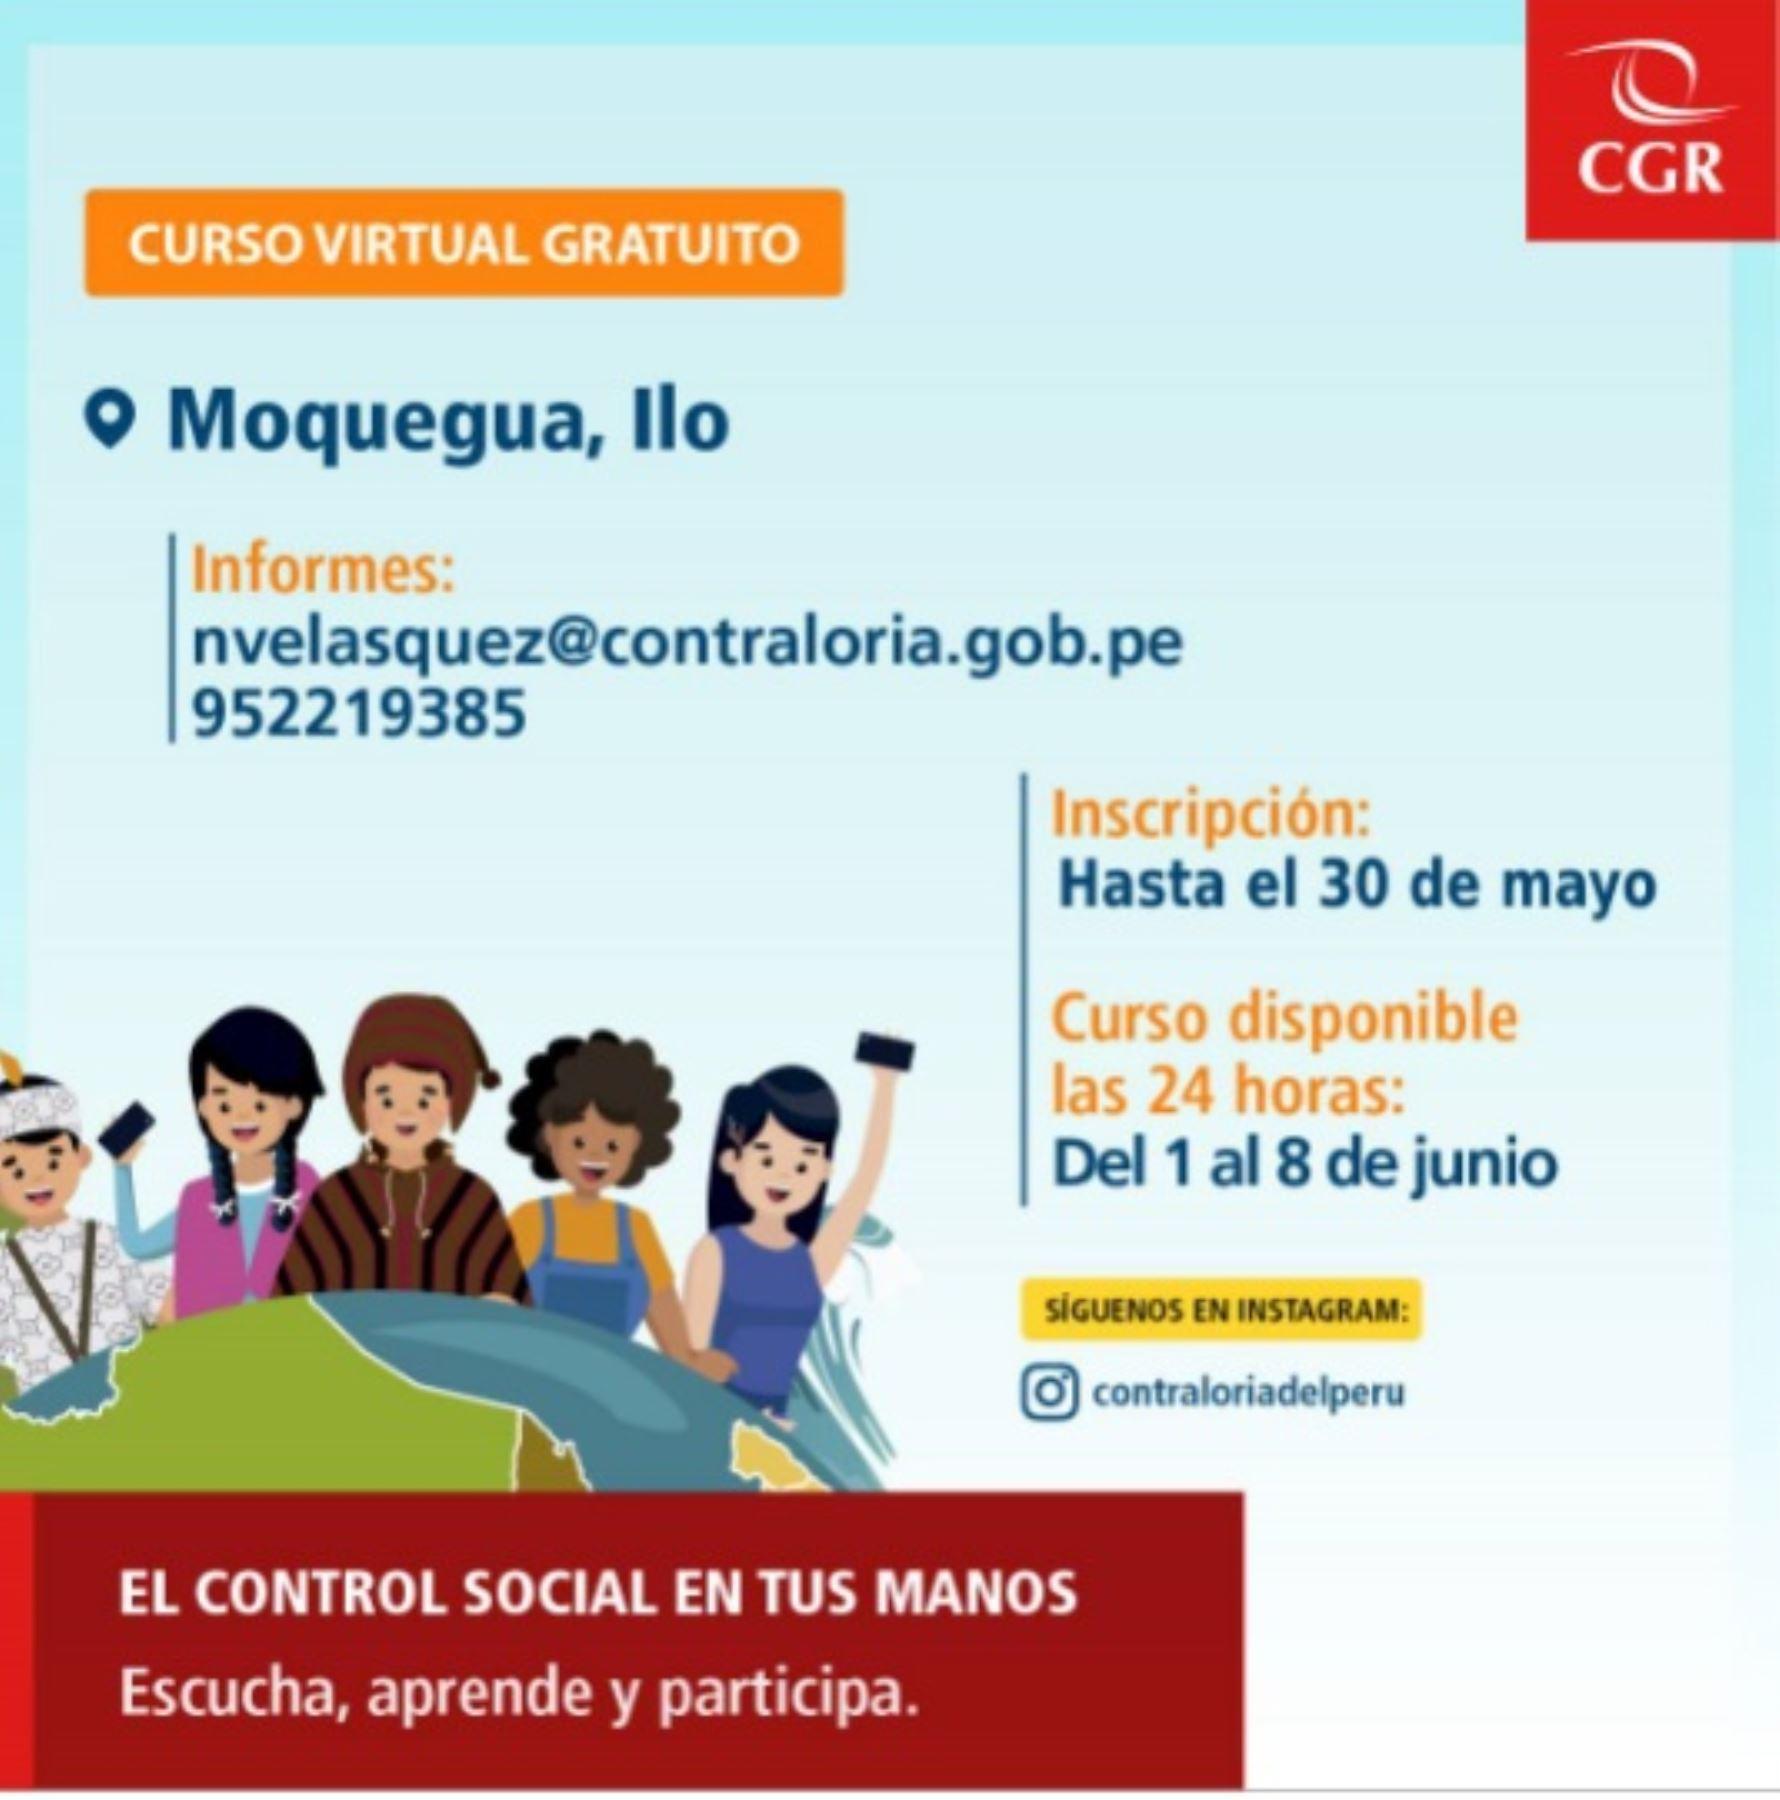 Ciudadanos de Ilo recibirán capacitación virtual sobre rol vigilante de control público